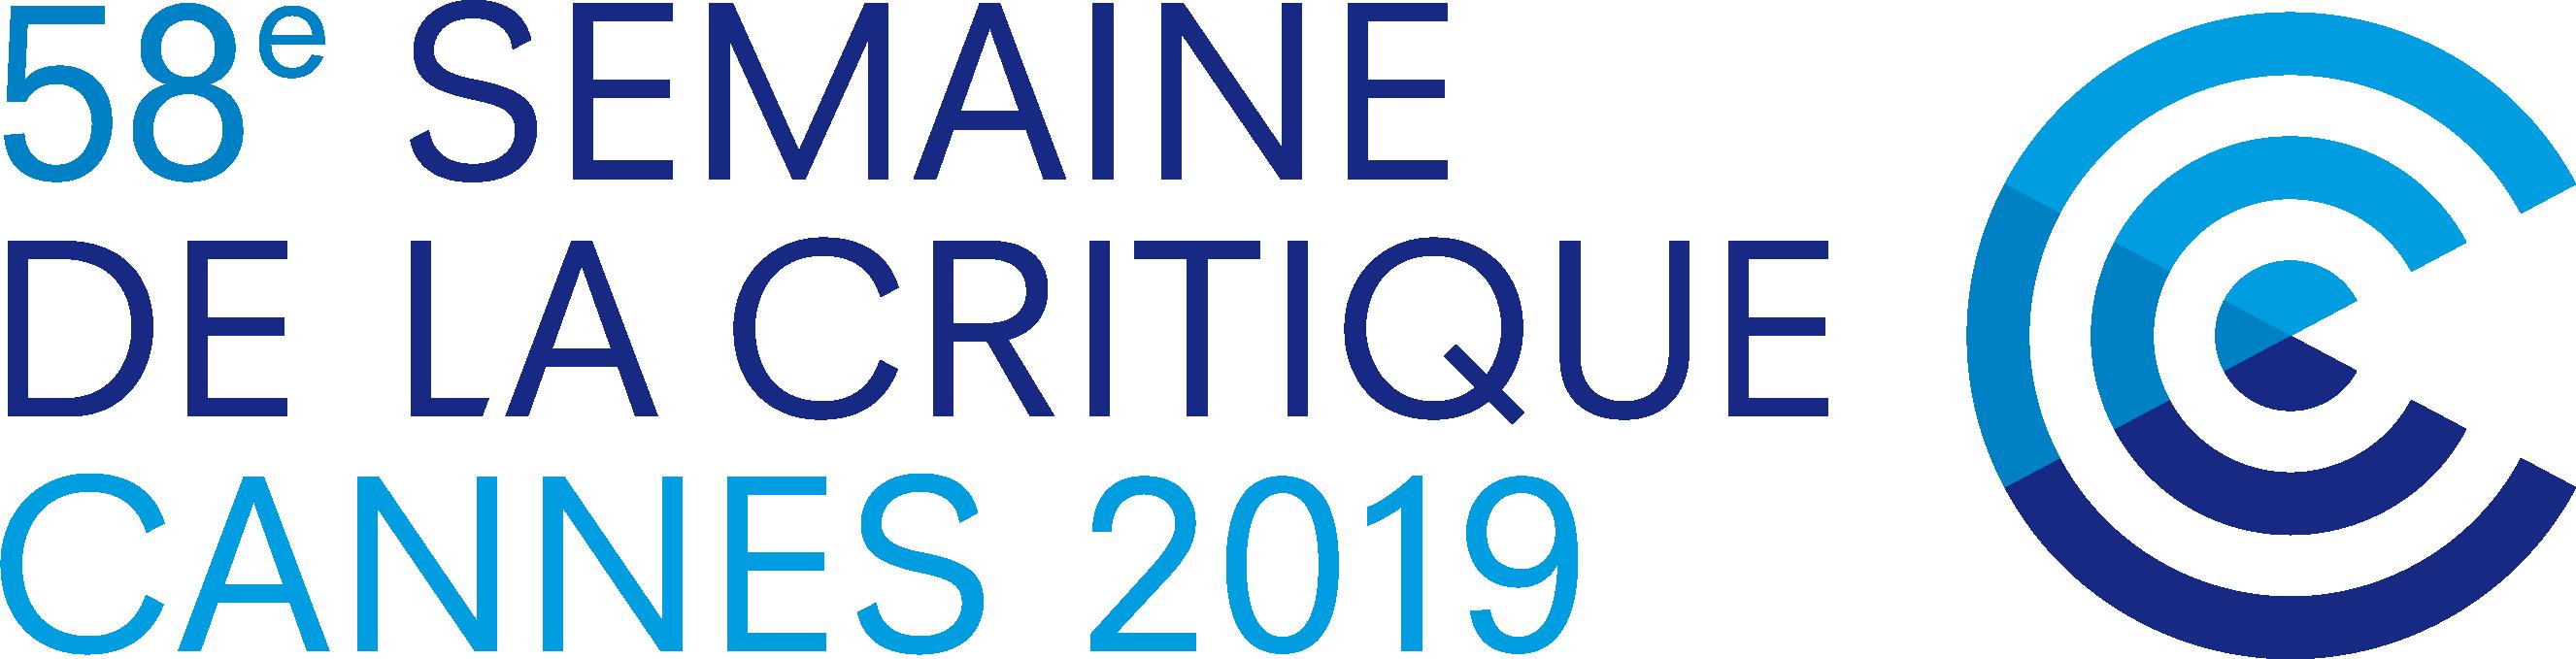 La Semaine de la Critique's logos | La Semaine de la Critique of Festival de Cannes